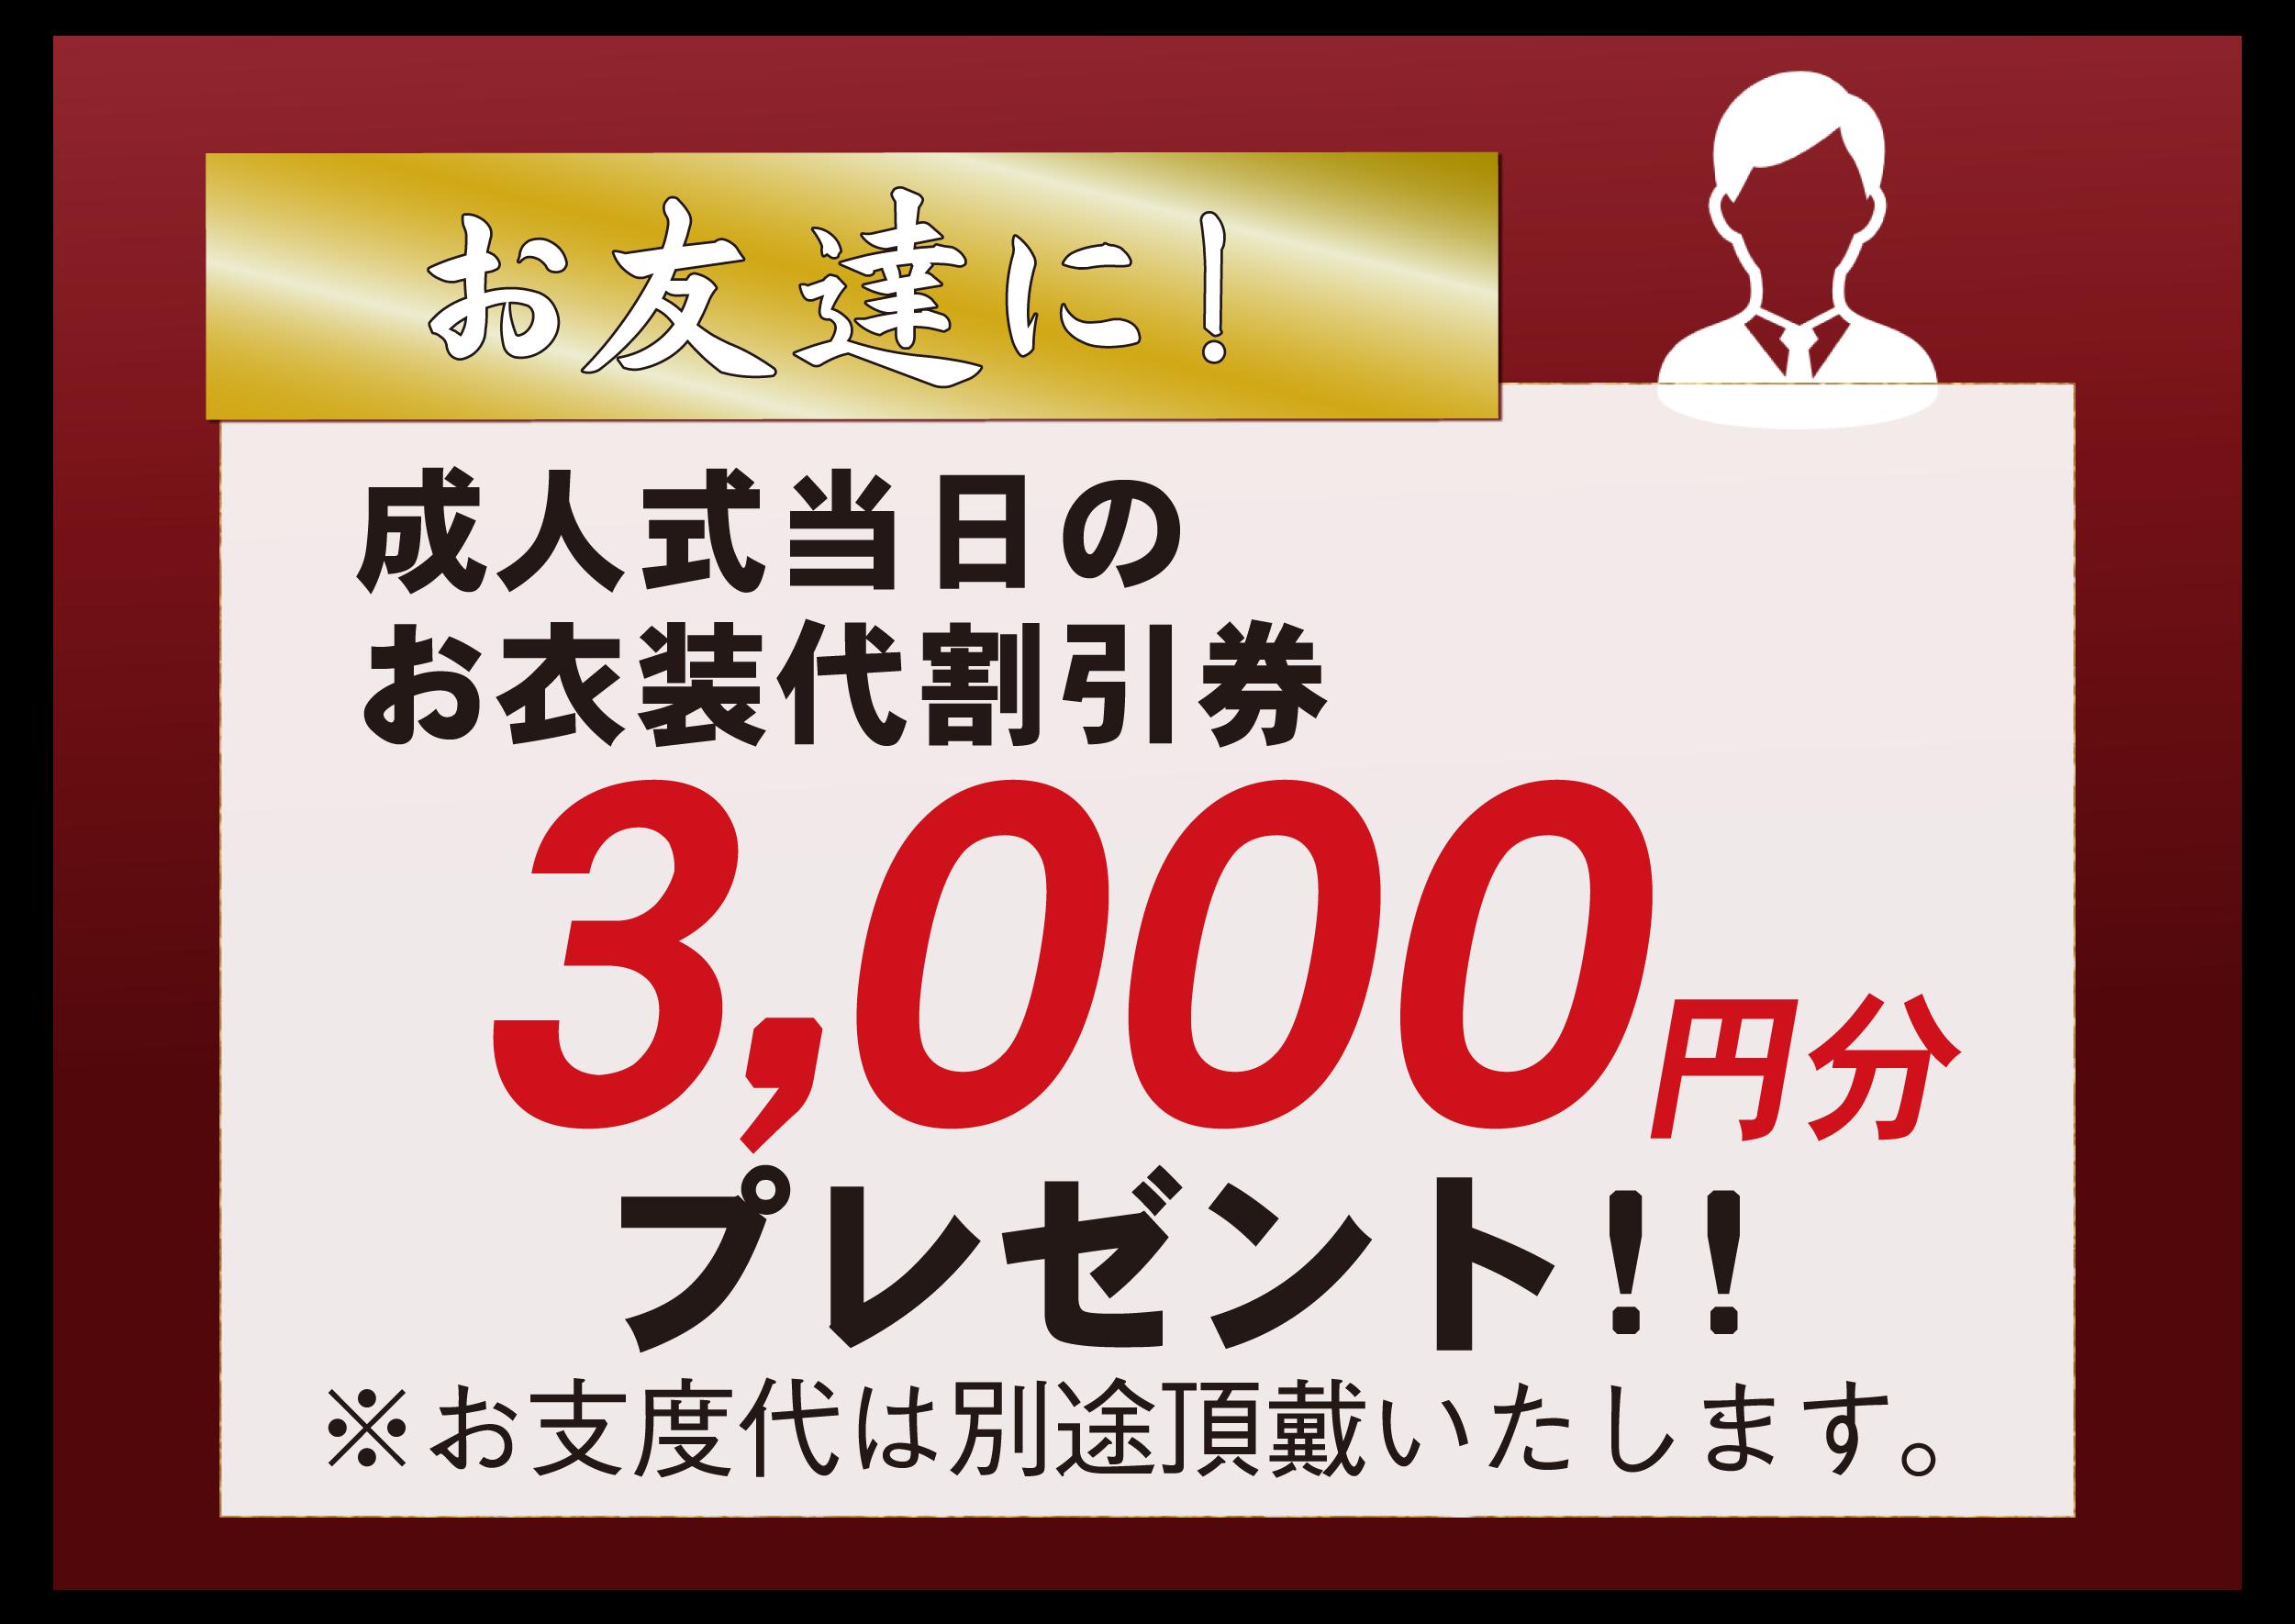 男性袴キャンペーン情報12月末まで_お友達に